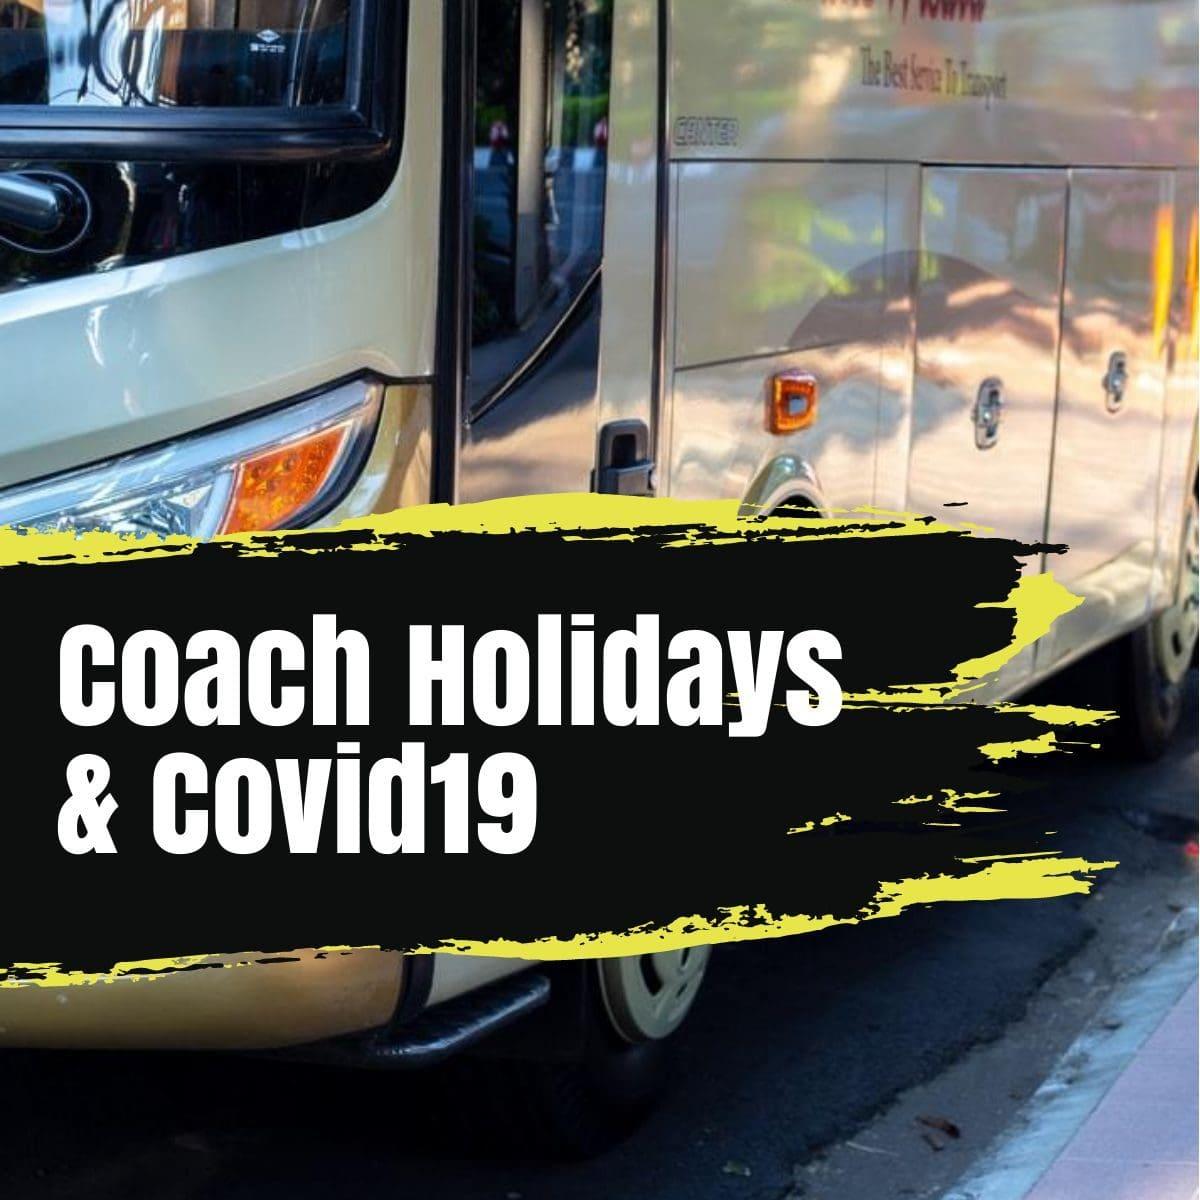 coach holidays & covid19